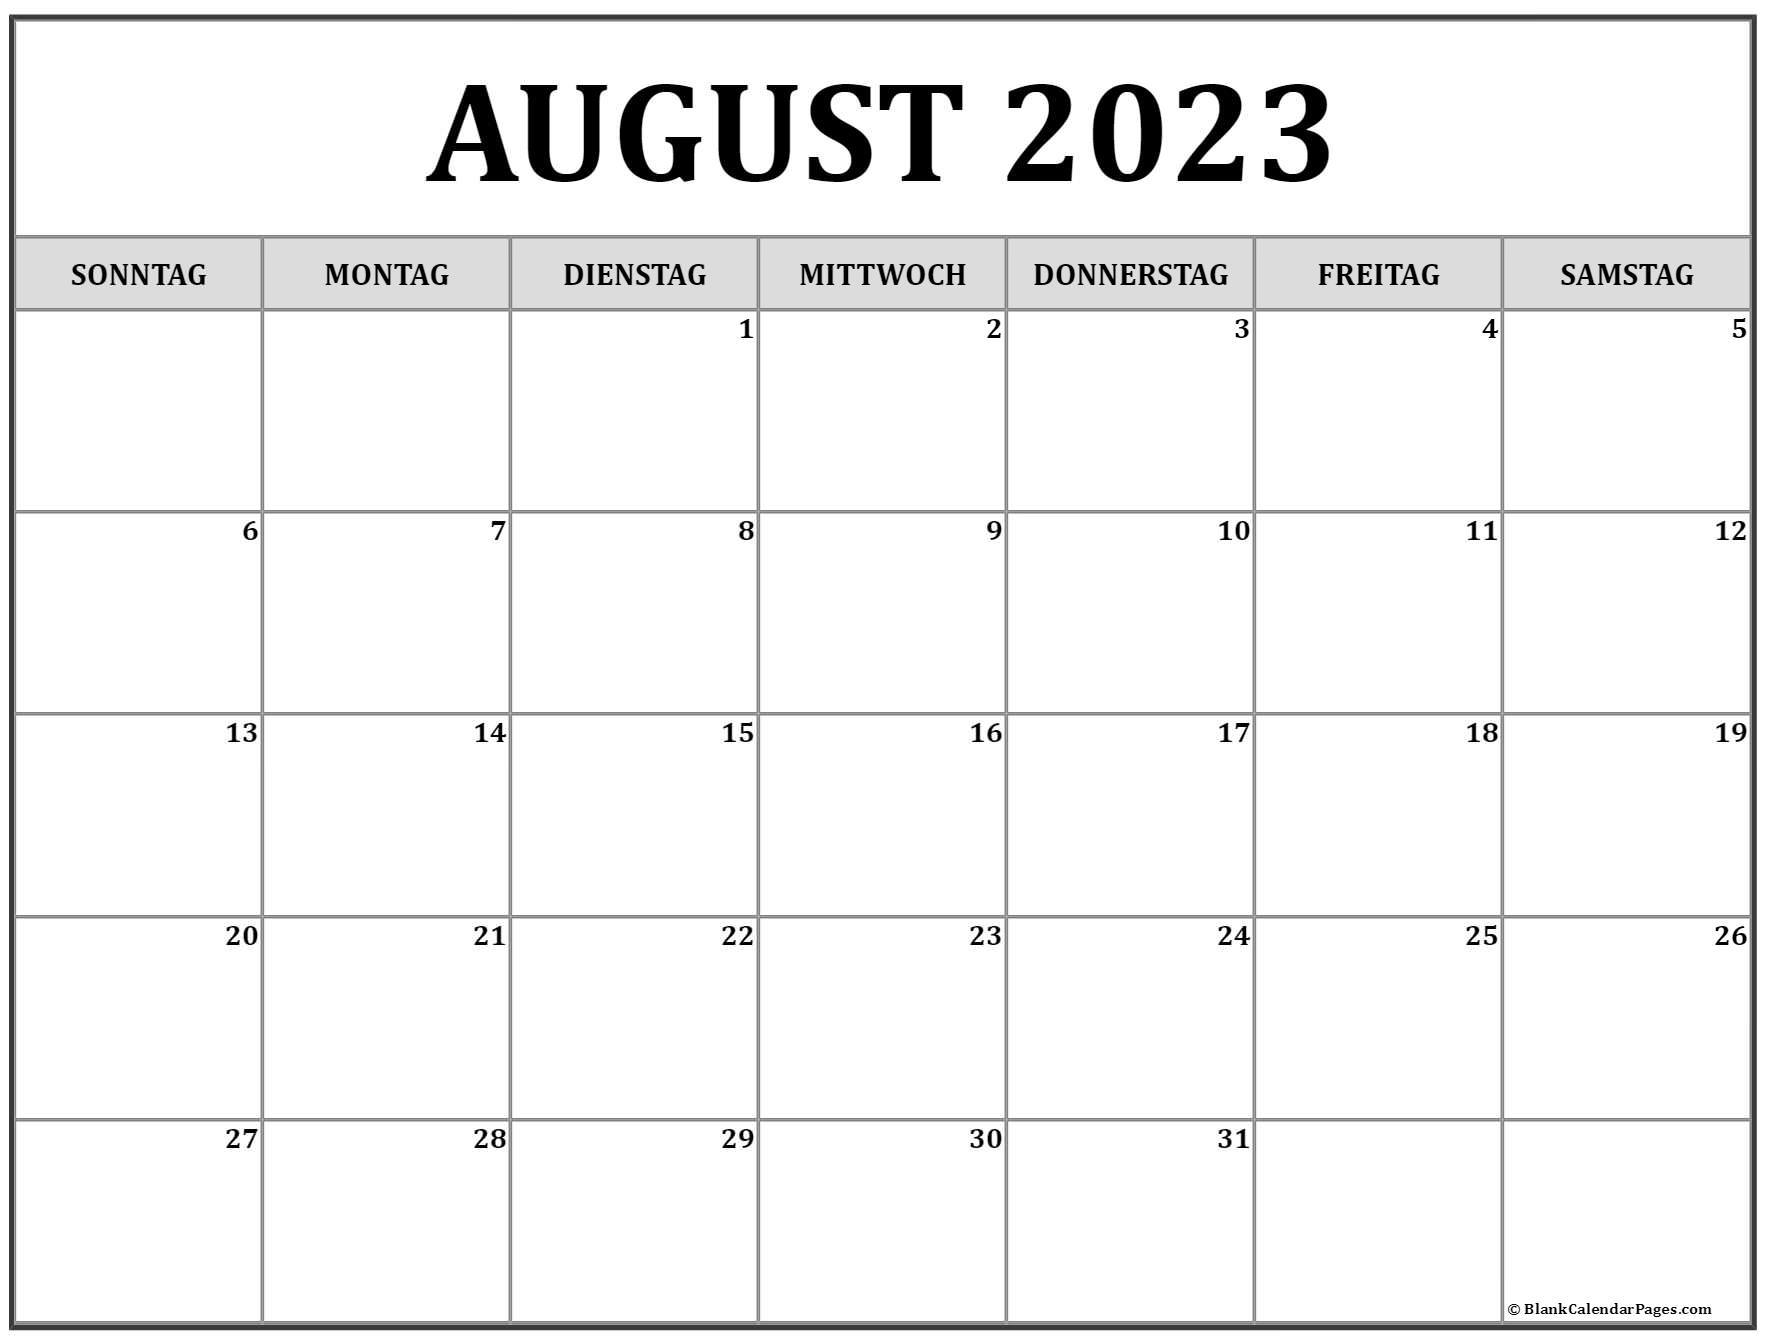 August 2022 kalender | kalender 2022